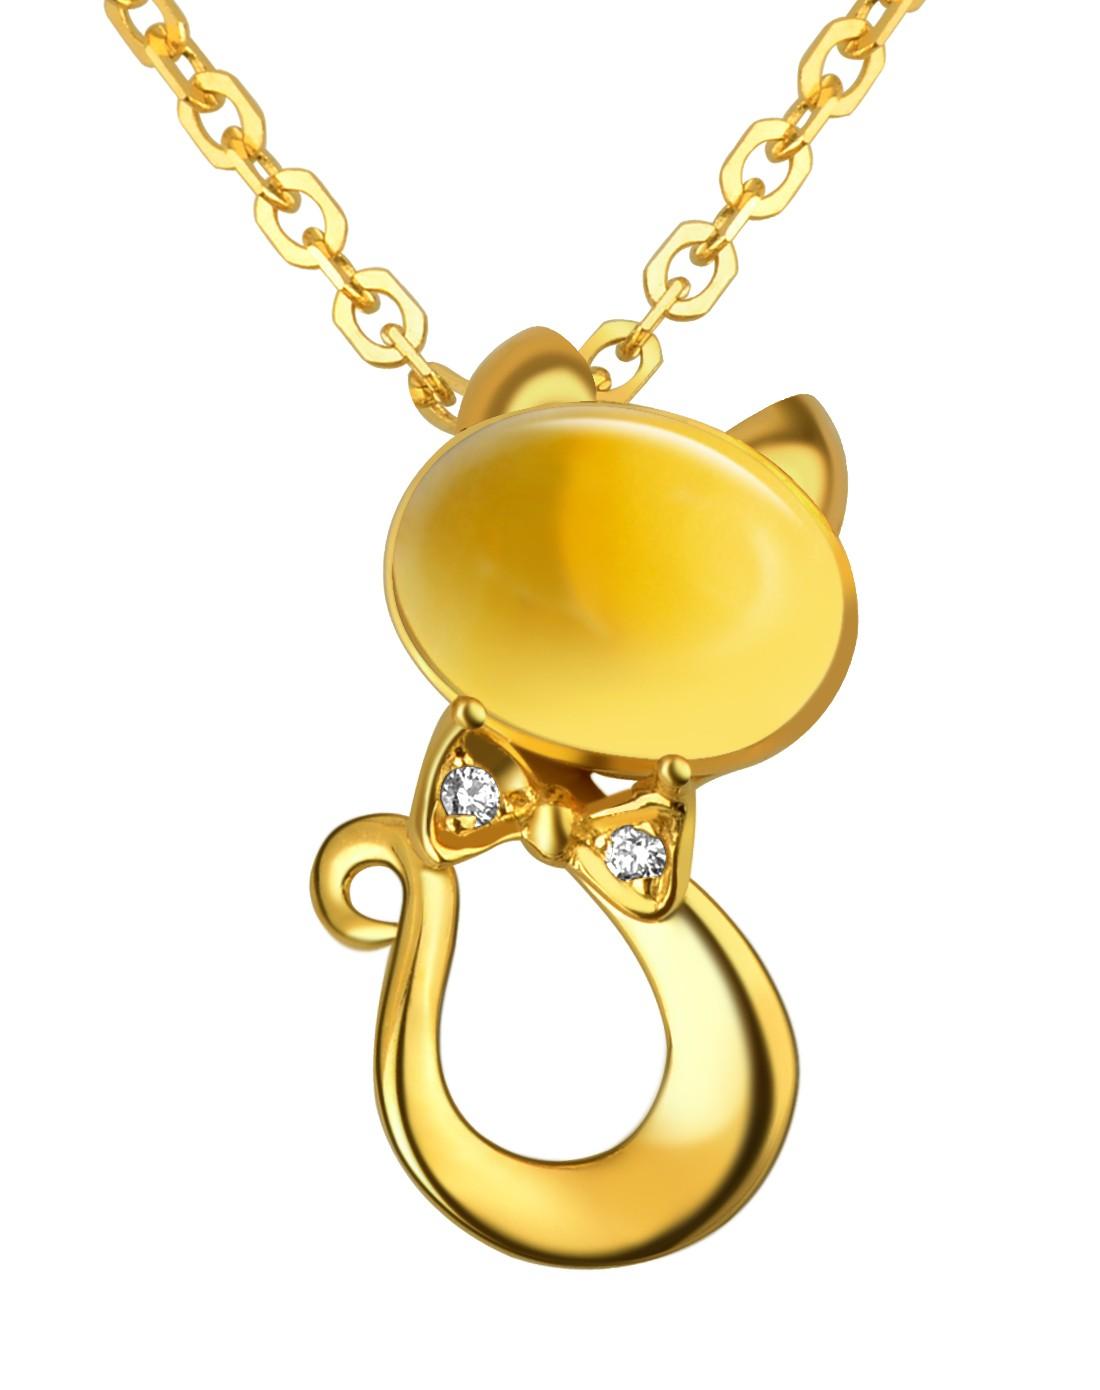 彩18k金镶嵌黄水晶吊坠可爱猫猫彩色宝石